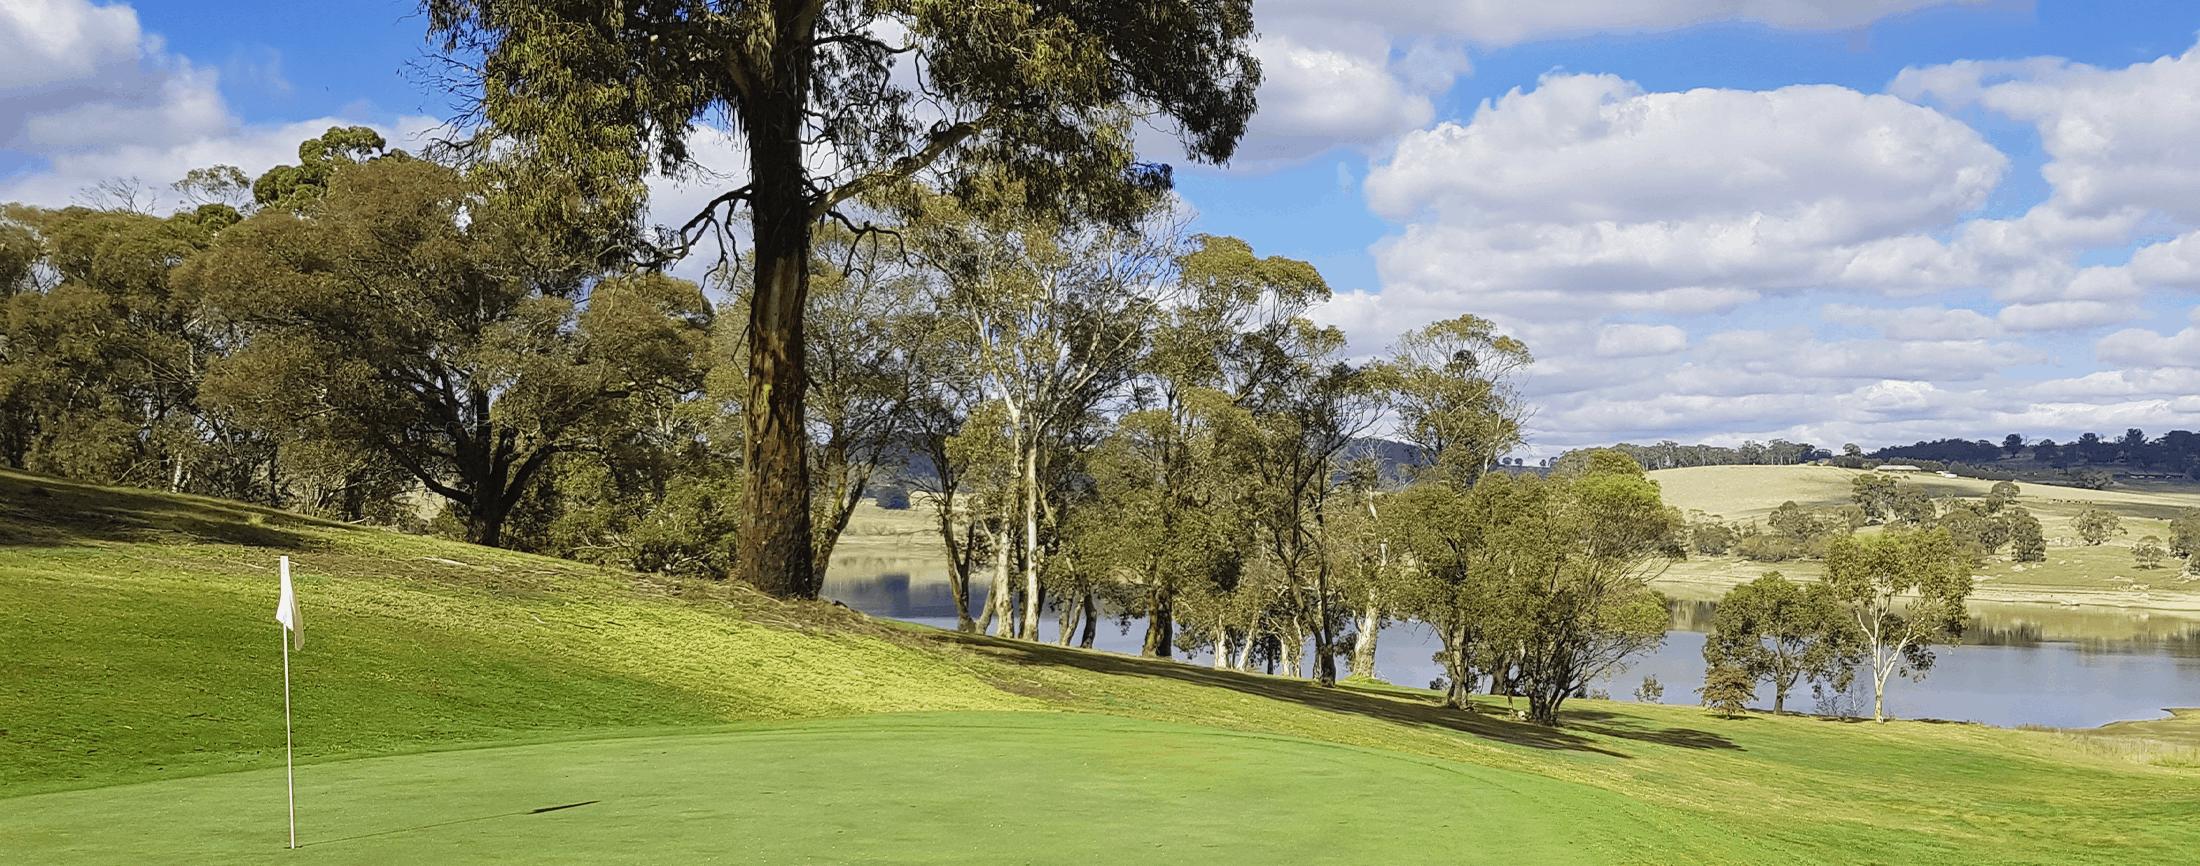 Oberon Golf Club